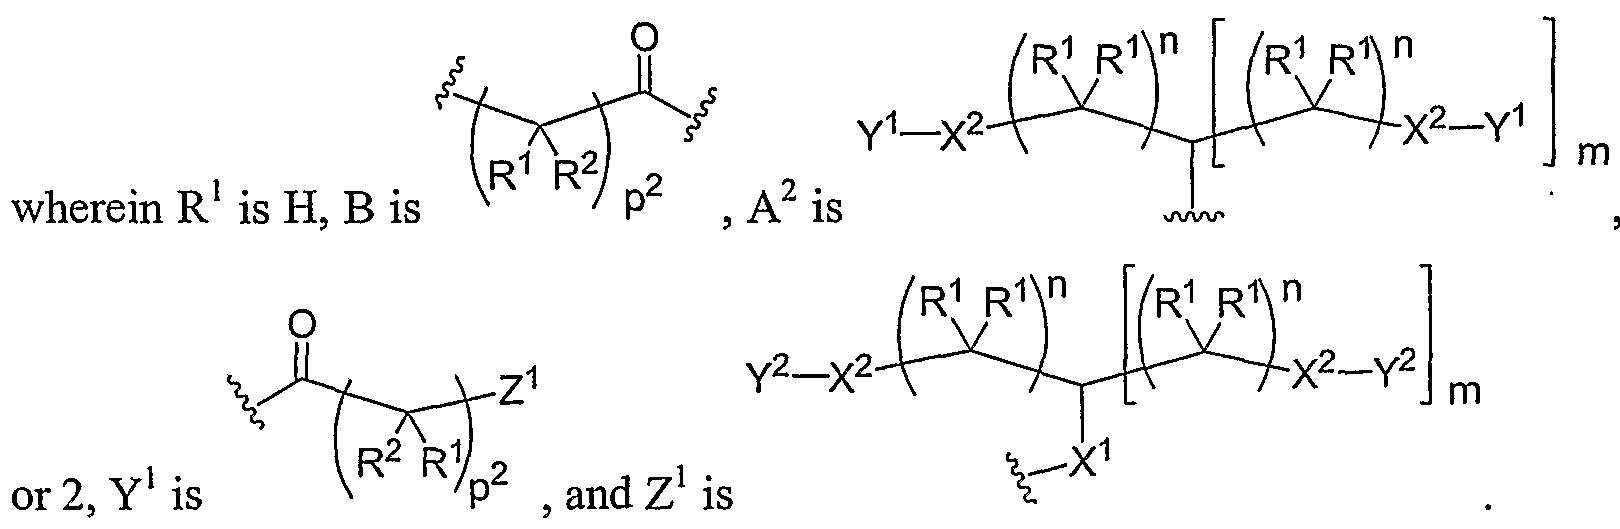 Figure imgf000160_0003